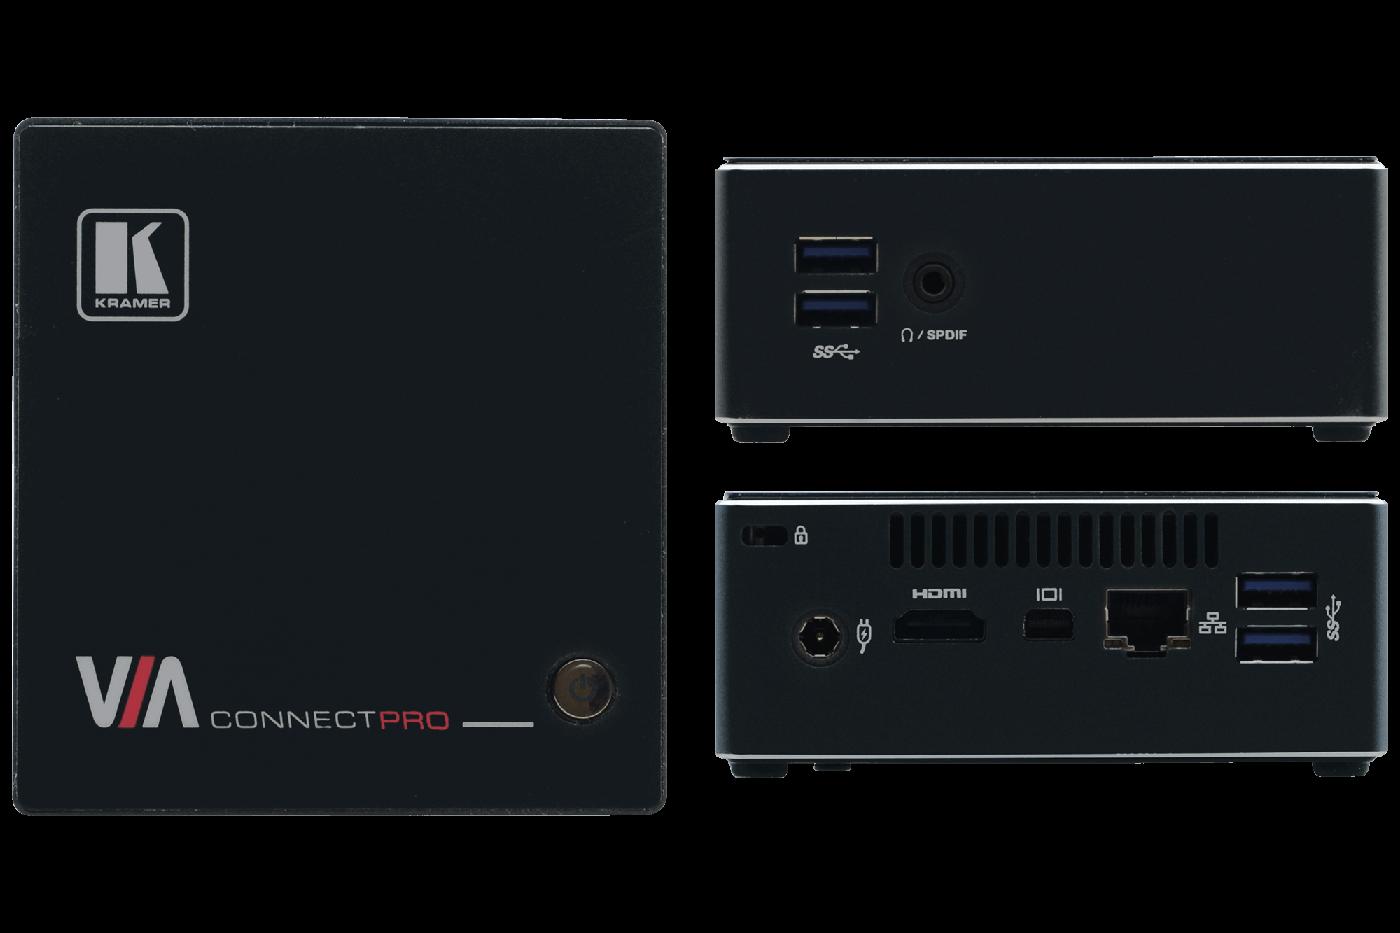 Kramer Platforms via connect pro